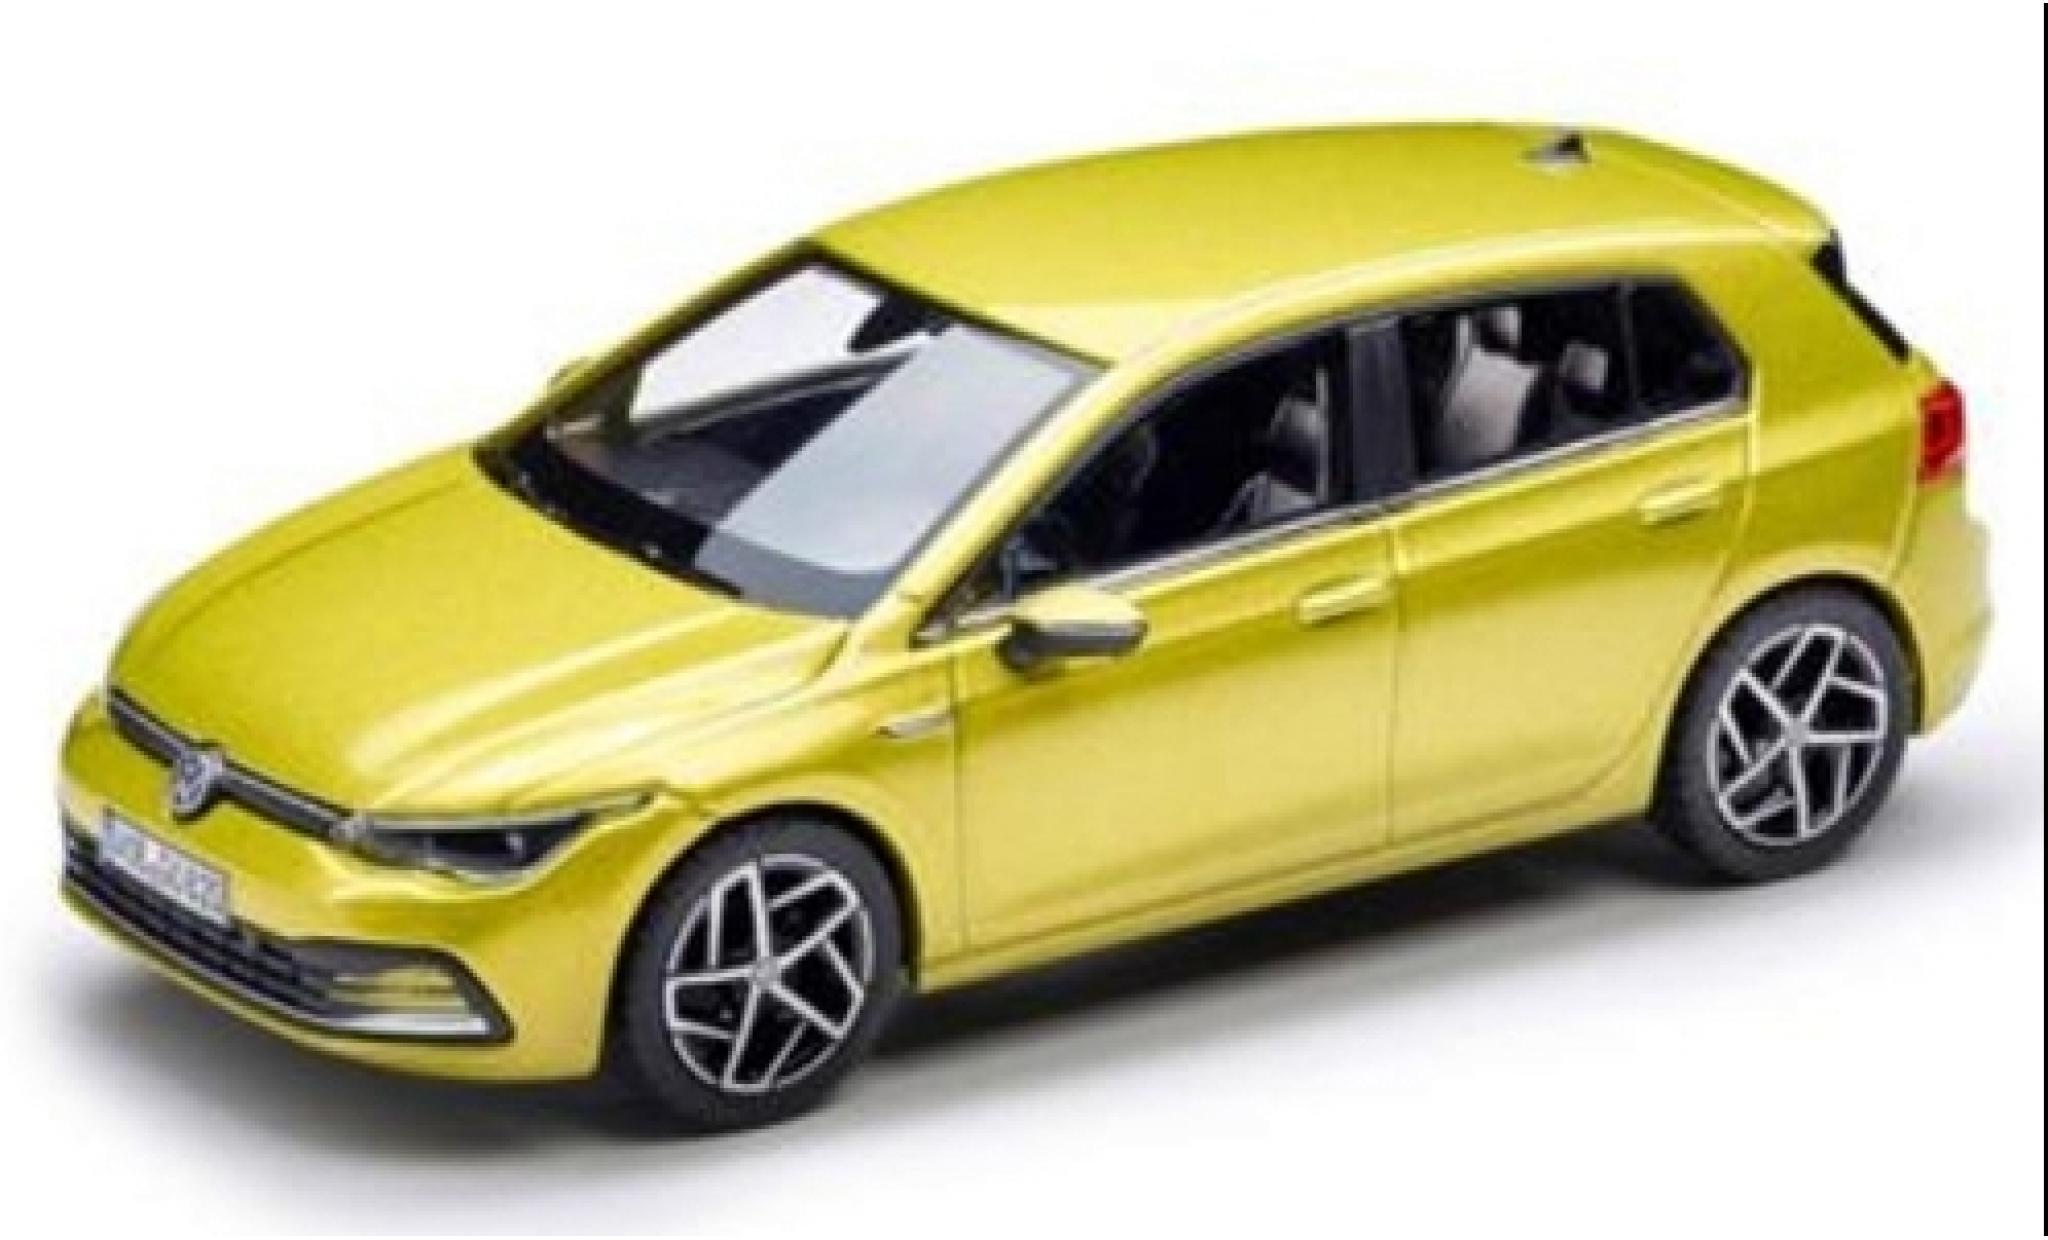 Volkswagen Golf 1/43 Norev VIII metallise verte 2020